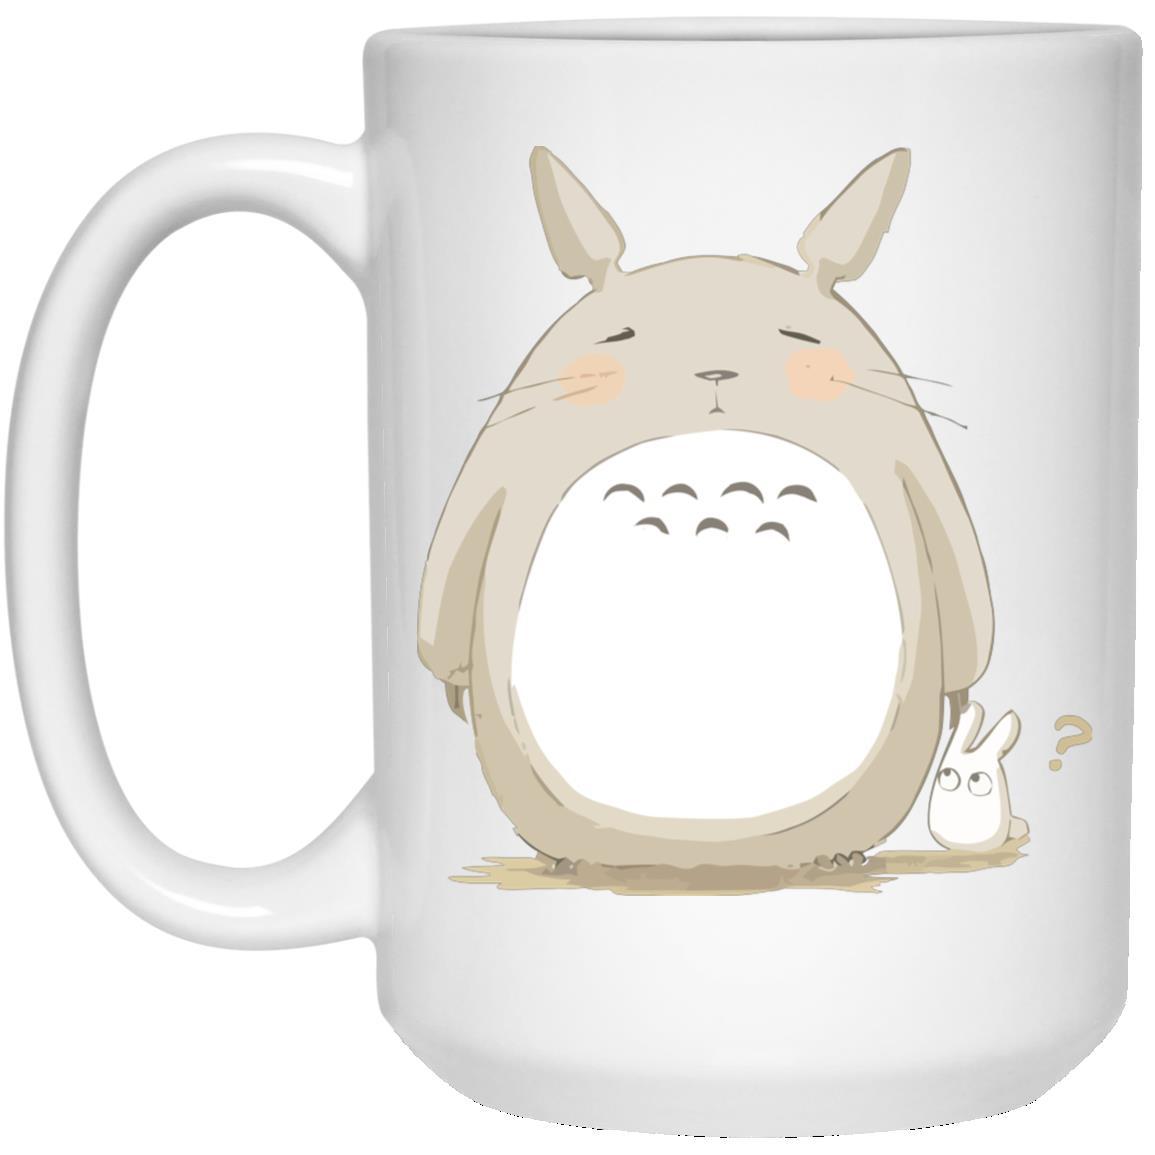 Cute Totoro Pinky Face Mug